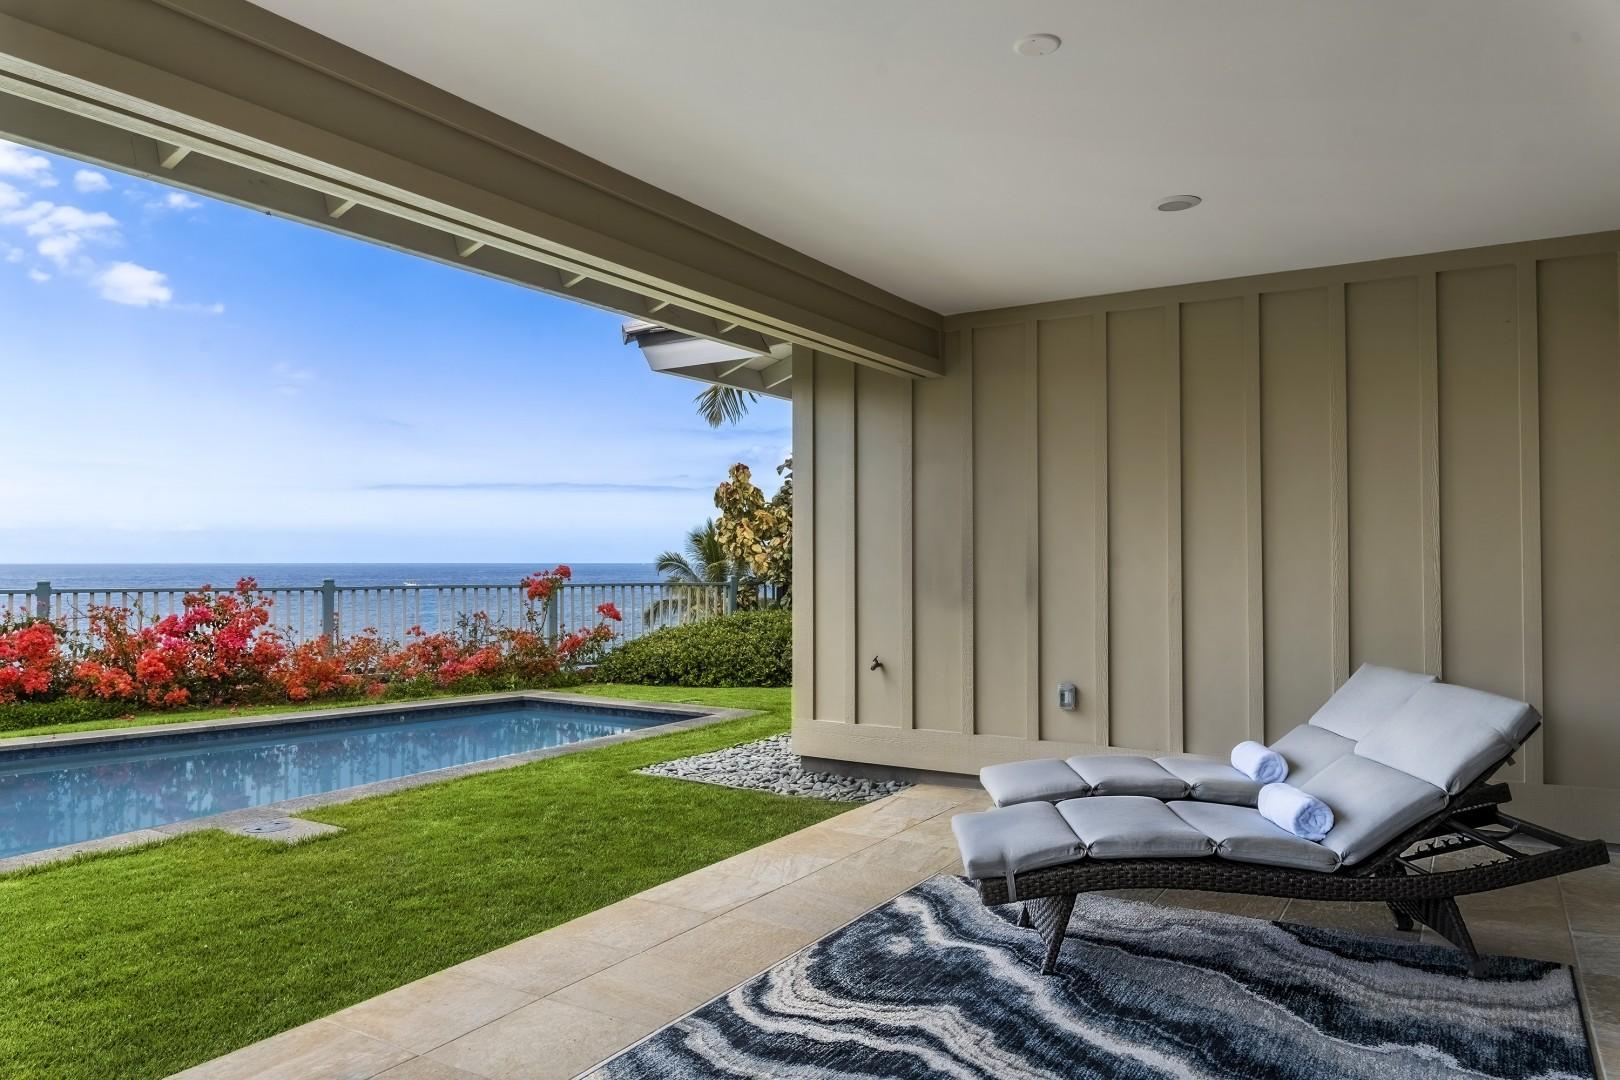 Lounge pool side on the Lanai!